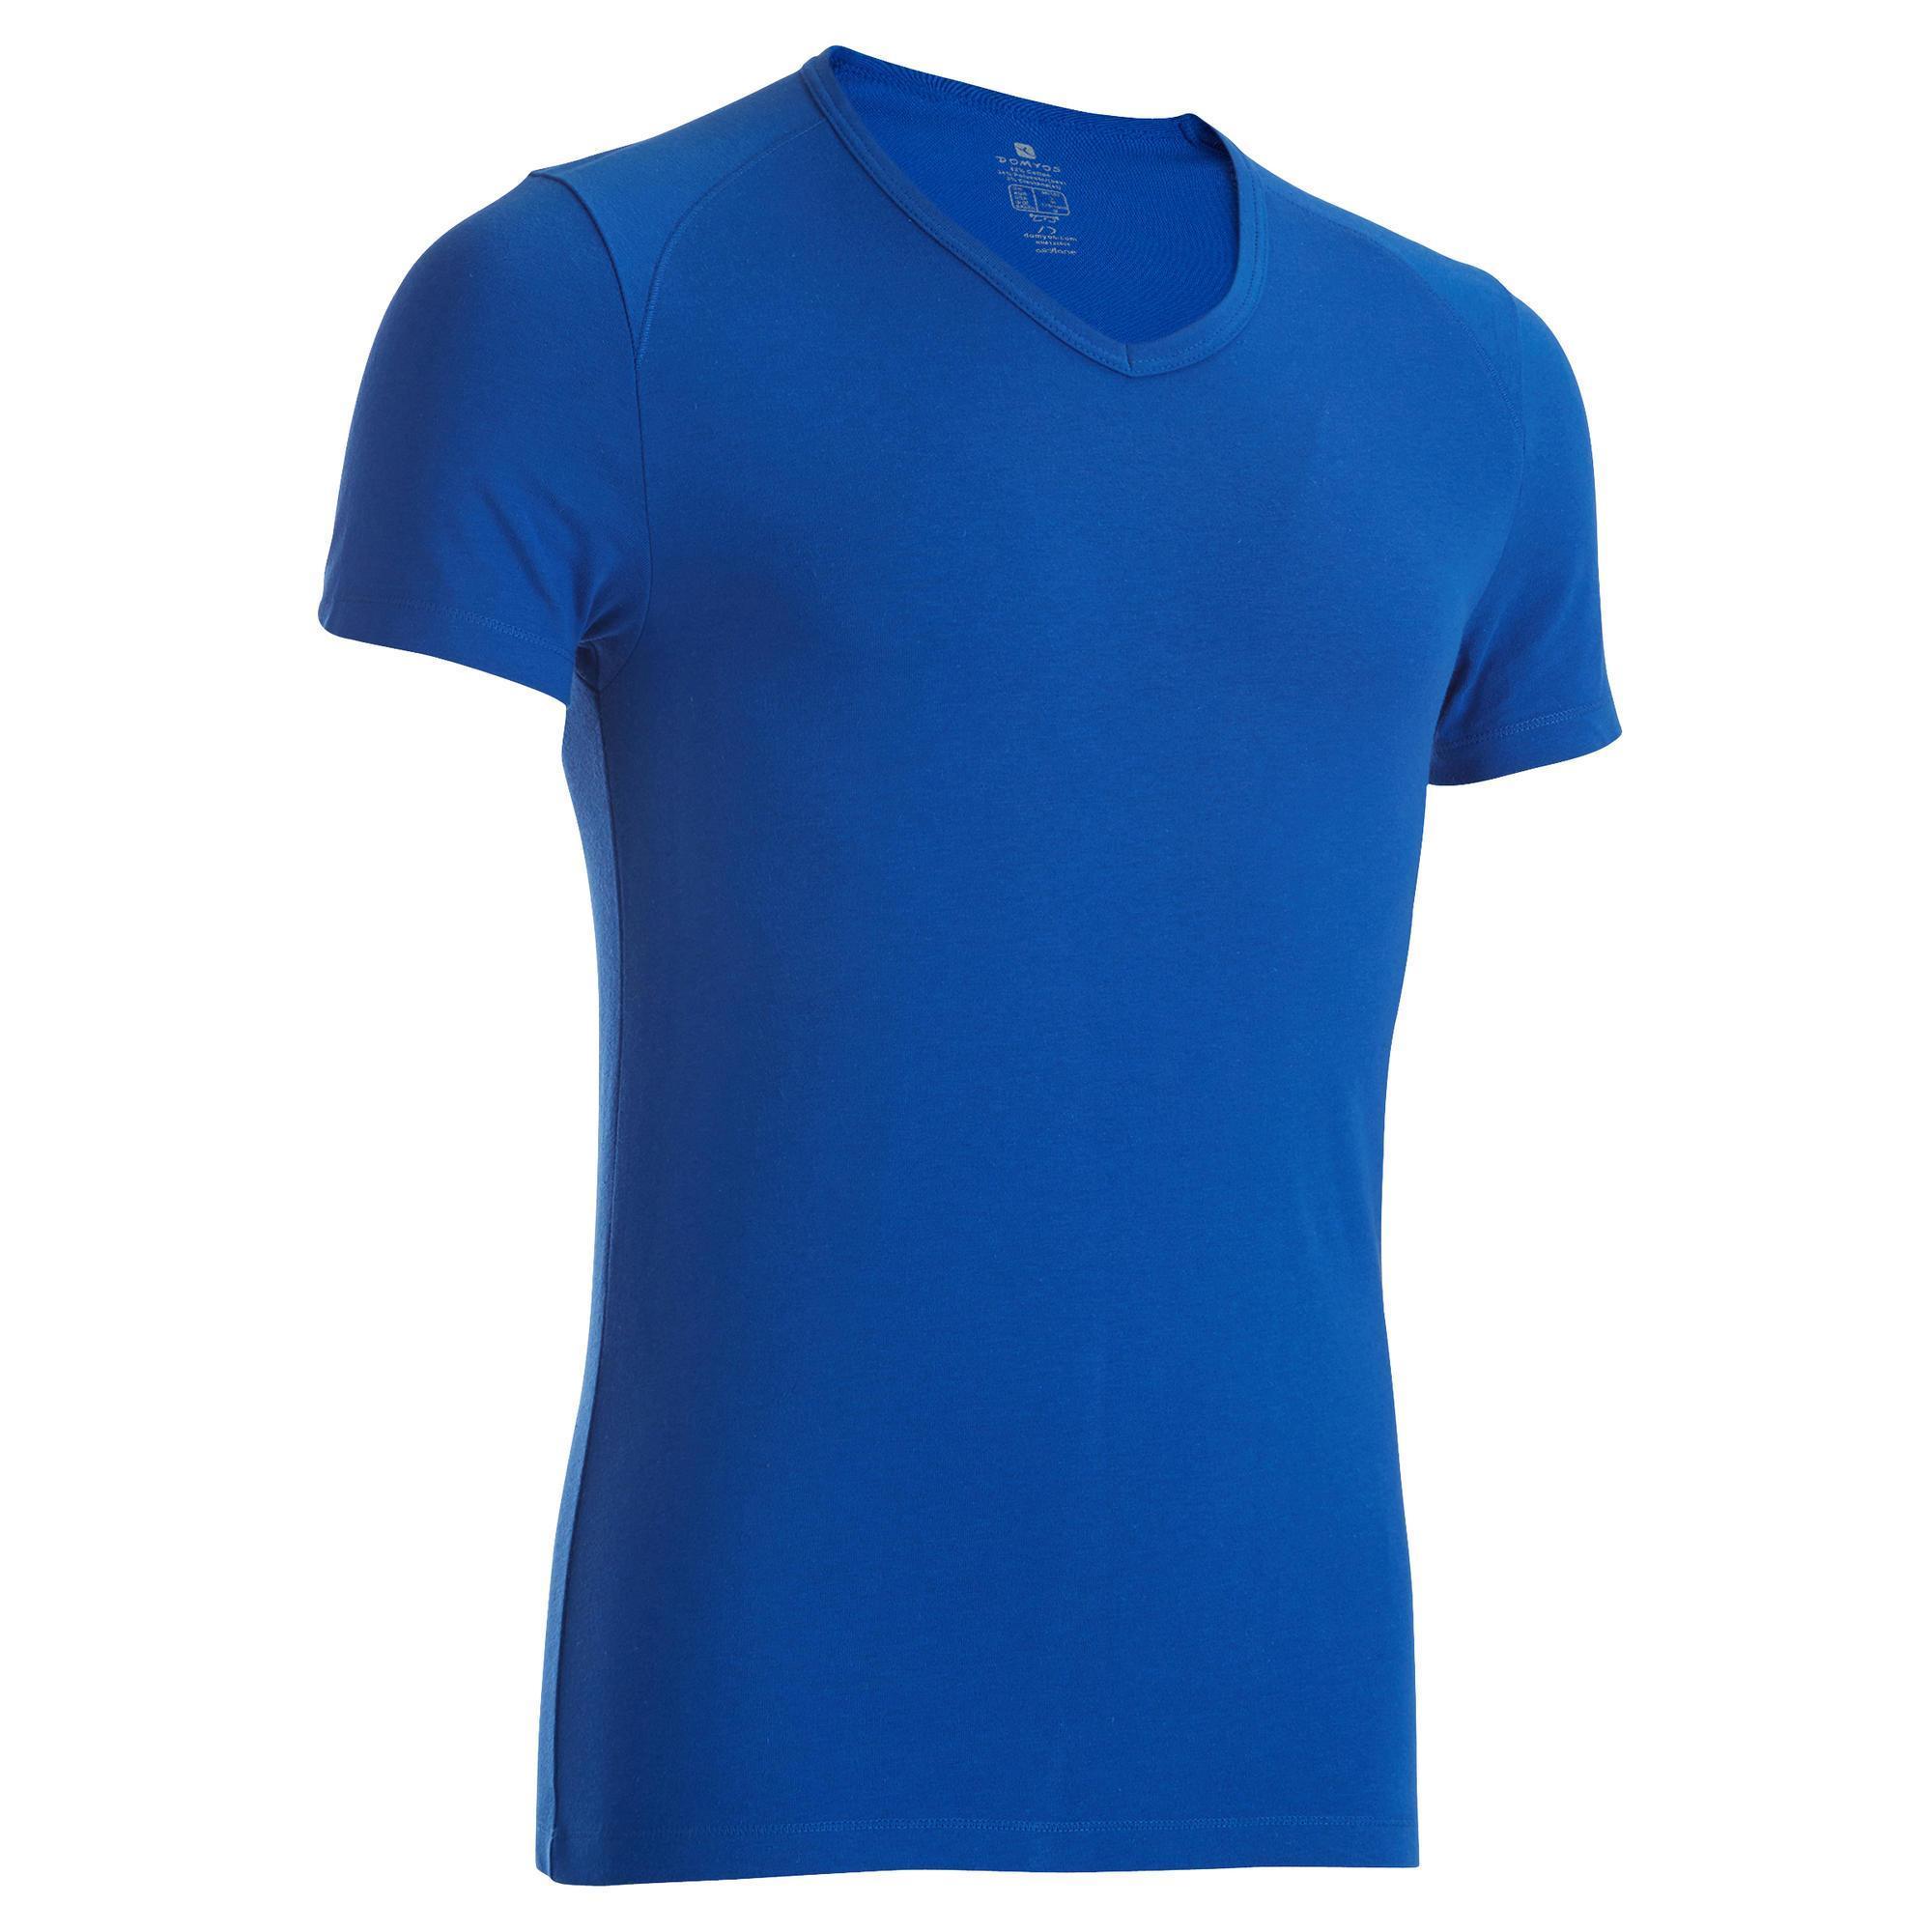 29ddc9e93 T-shirt Musculação DRY SKIN